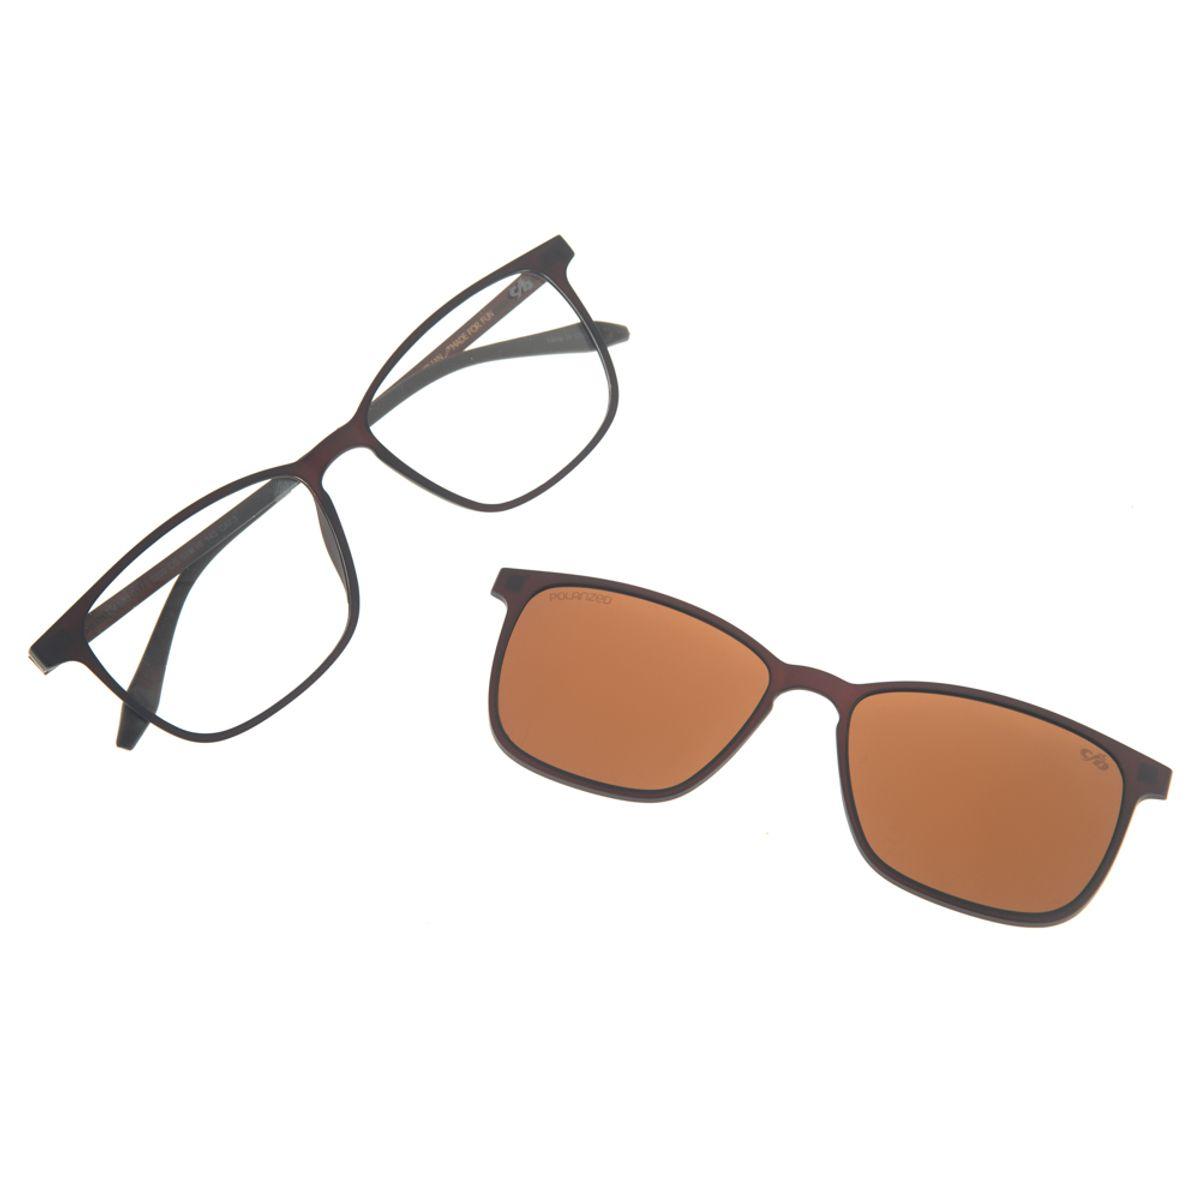 c24f5227c1a38 Armação para óculos de Grau Masculina Chilli Beans Multi 2 em 1 ...